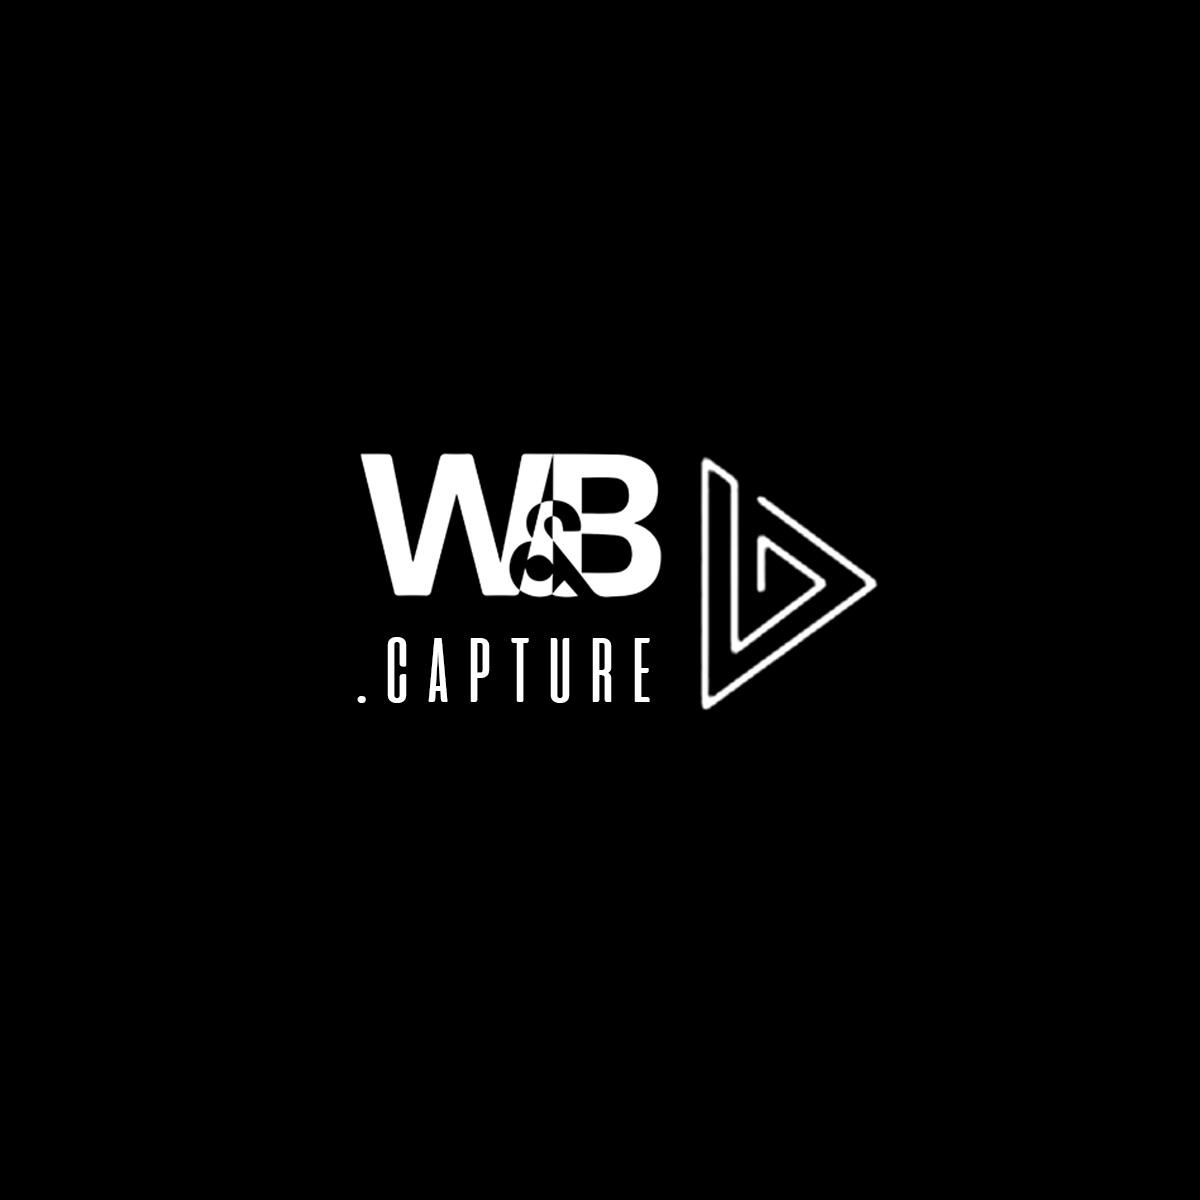 wb-capture.com